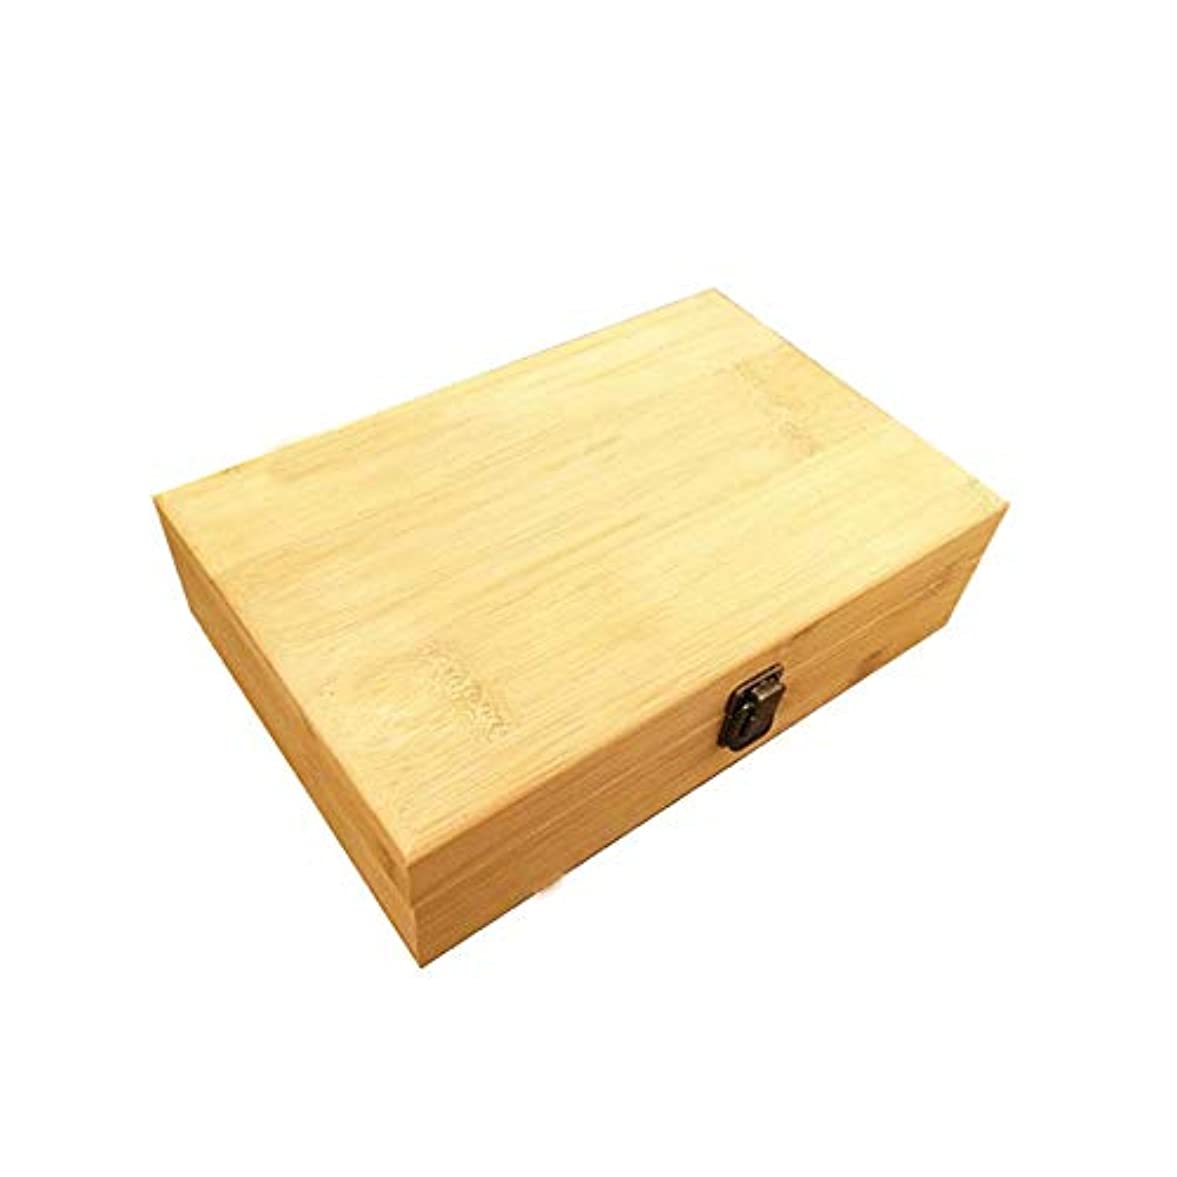 価値とは異なり解決エッセンシャルオイル収納ボックス 40スロットエッセンシャルオイルボックス木製収納ケースは、40本のボトルエッセンシャルオイルスペースセーバー29x18.5x8cm成り立ちます (色 : Natural, サイズ : 29X18.5X8CM)